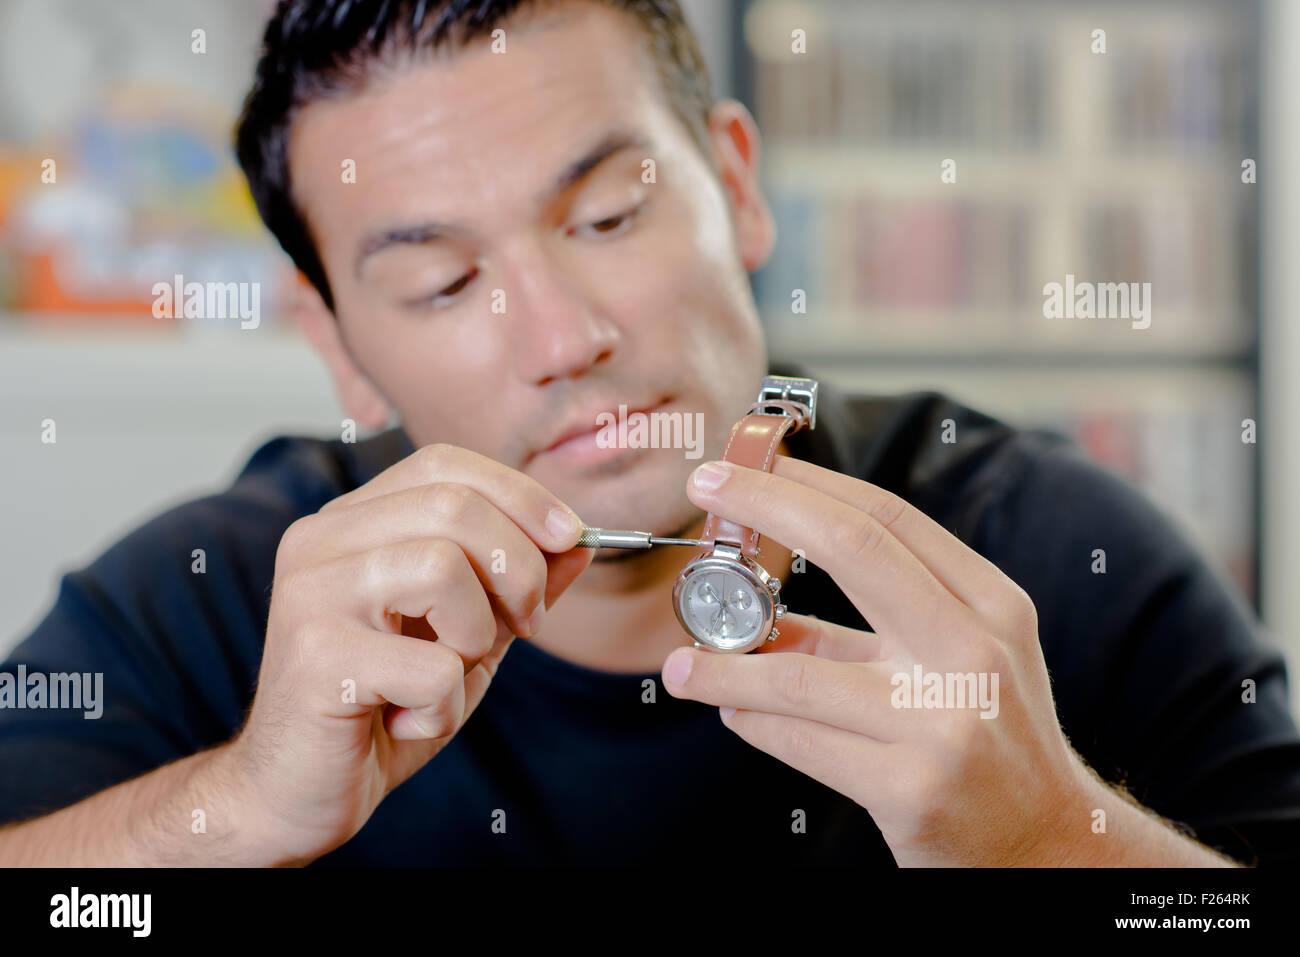 Watch repair man - Stock Image